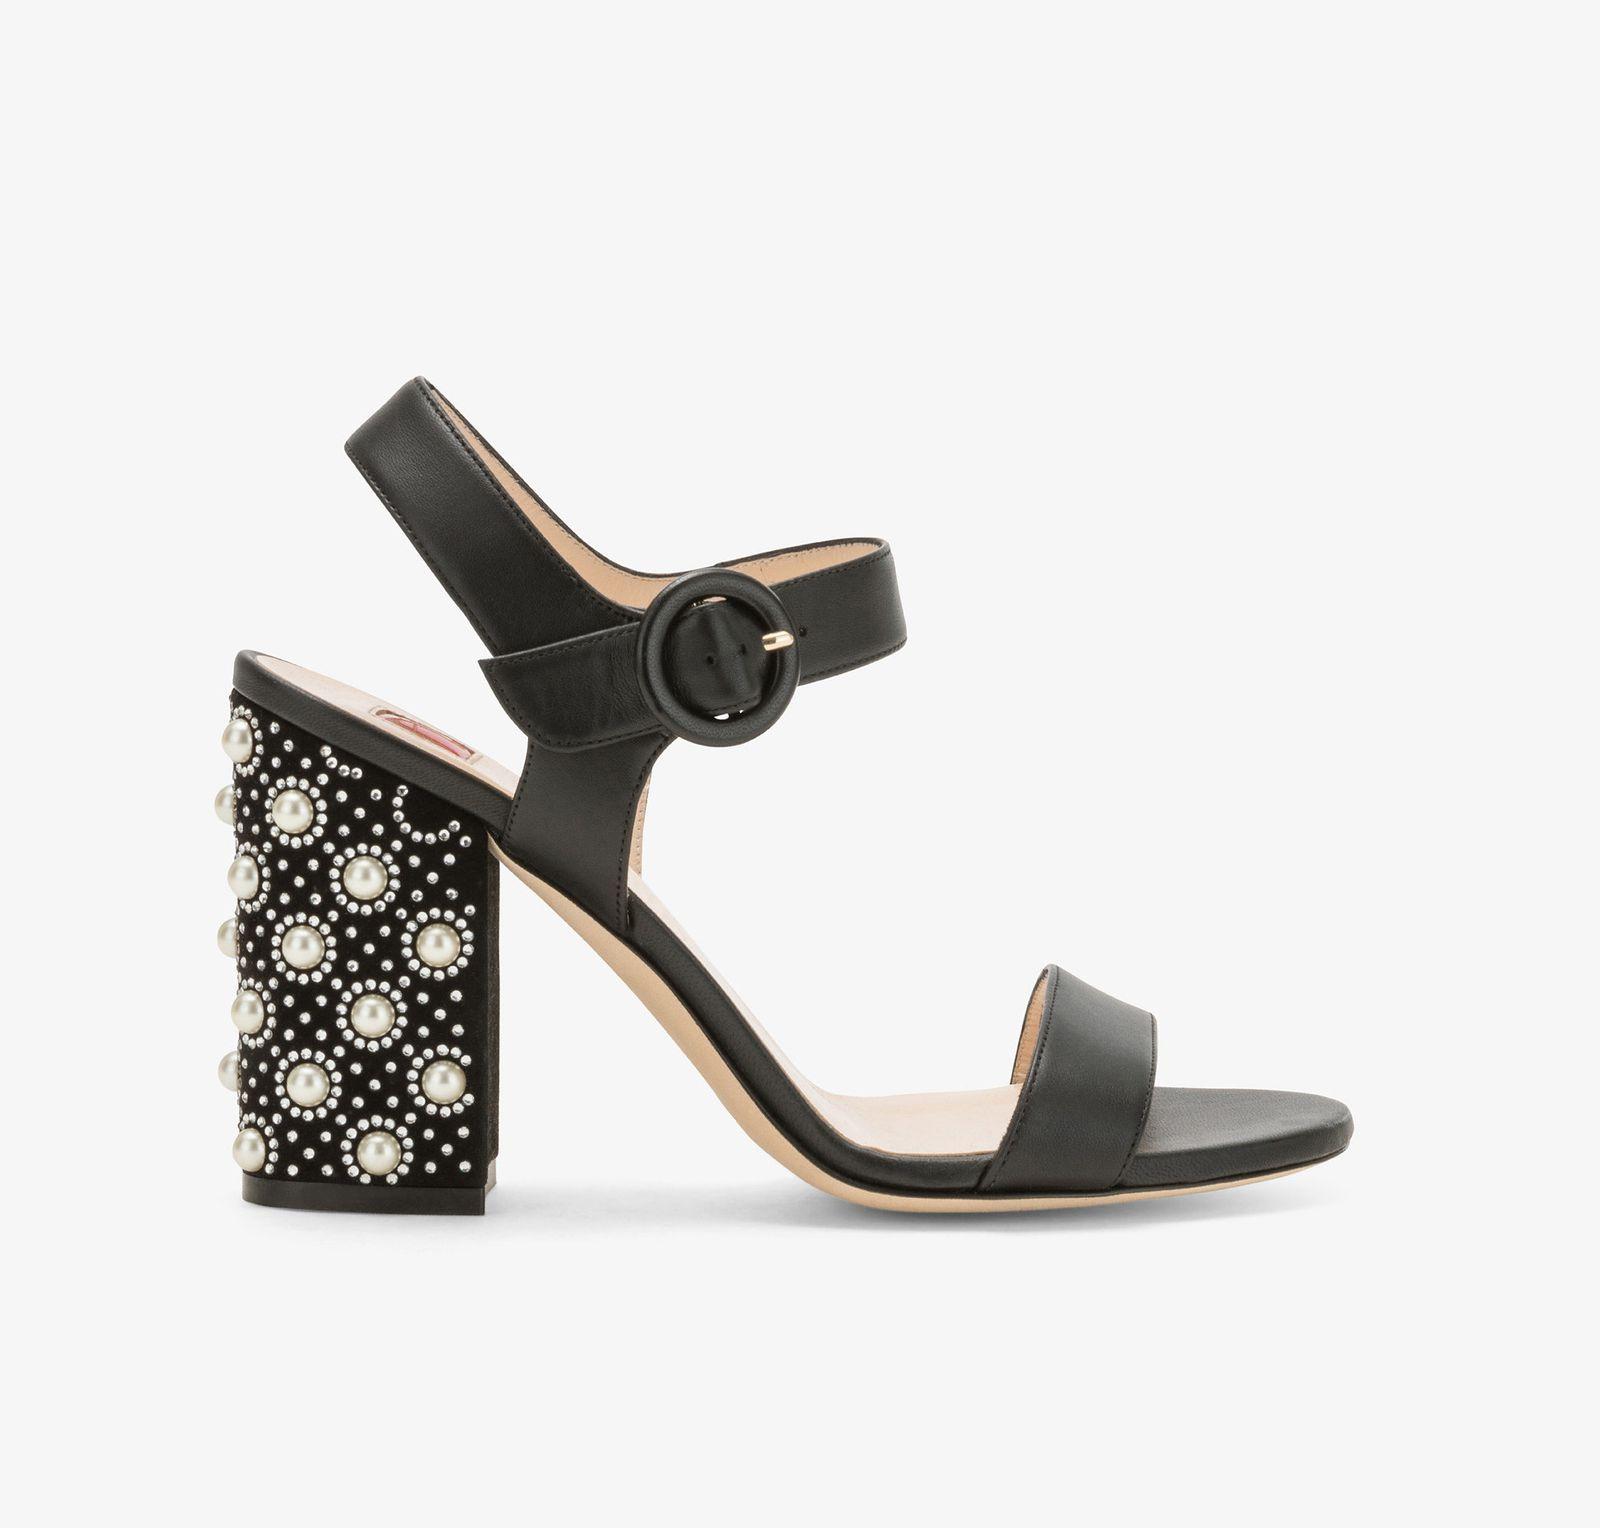 stili classici bellissimo aspetto ben noto I sandali gioiello timeless per l'estate 2018 (perché diventano ...